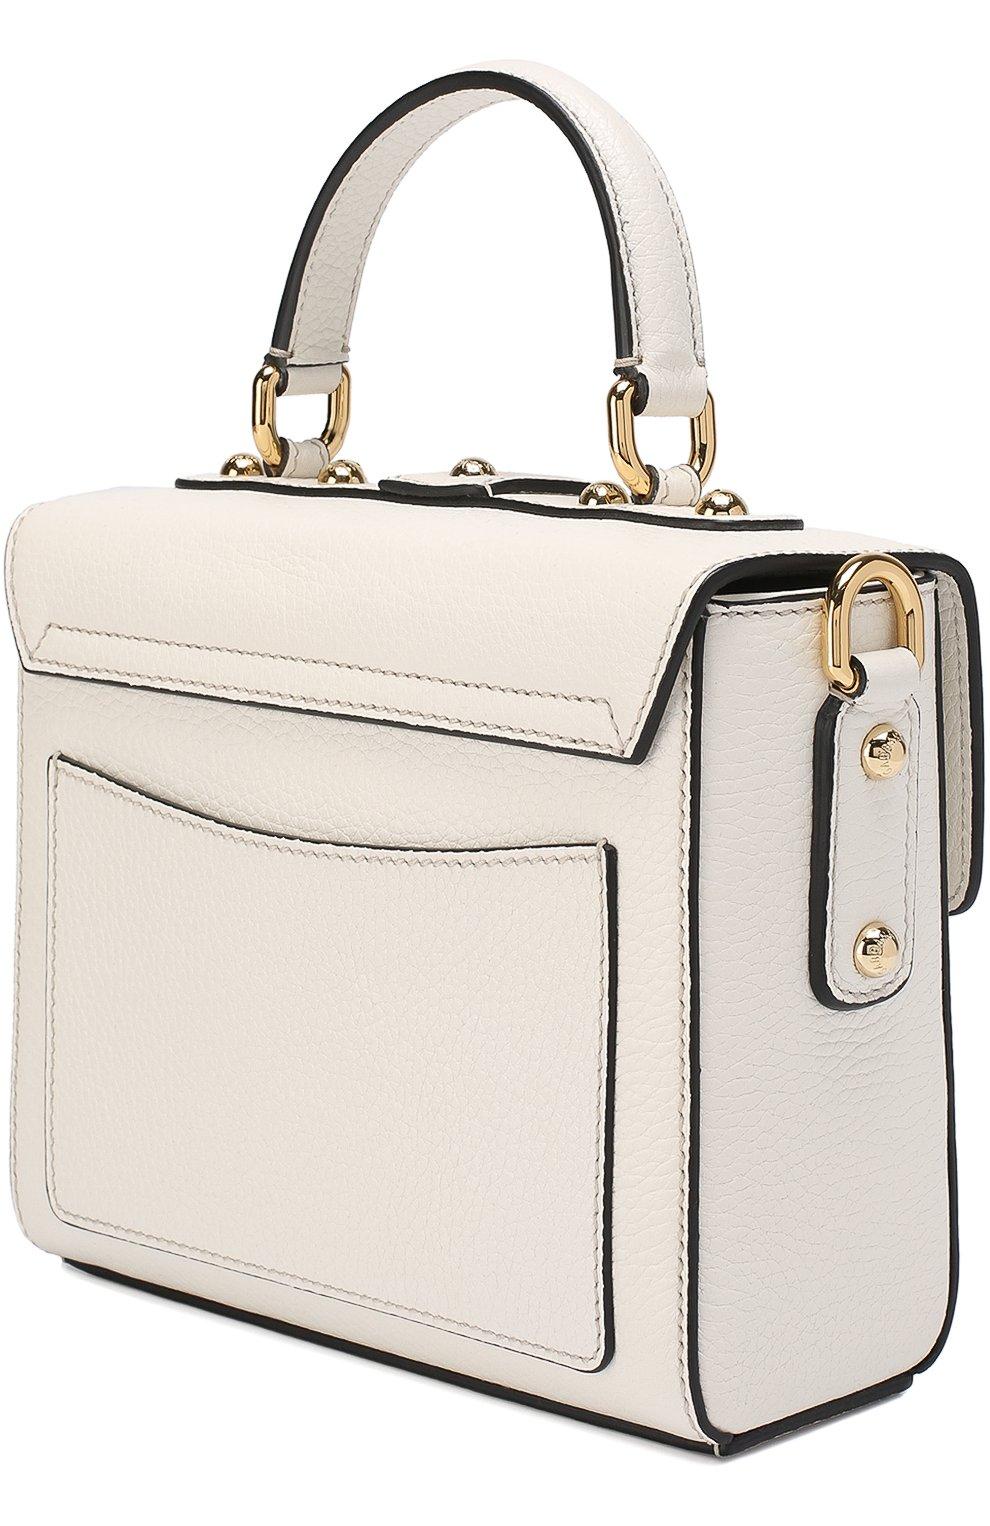 Сумка Dolce Soft Dolce & Gabbana белая цвета | Фото №3